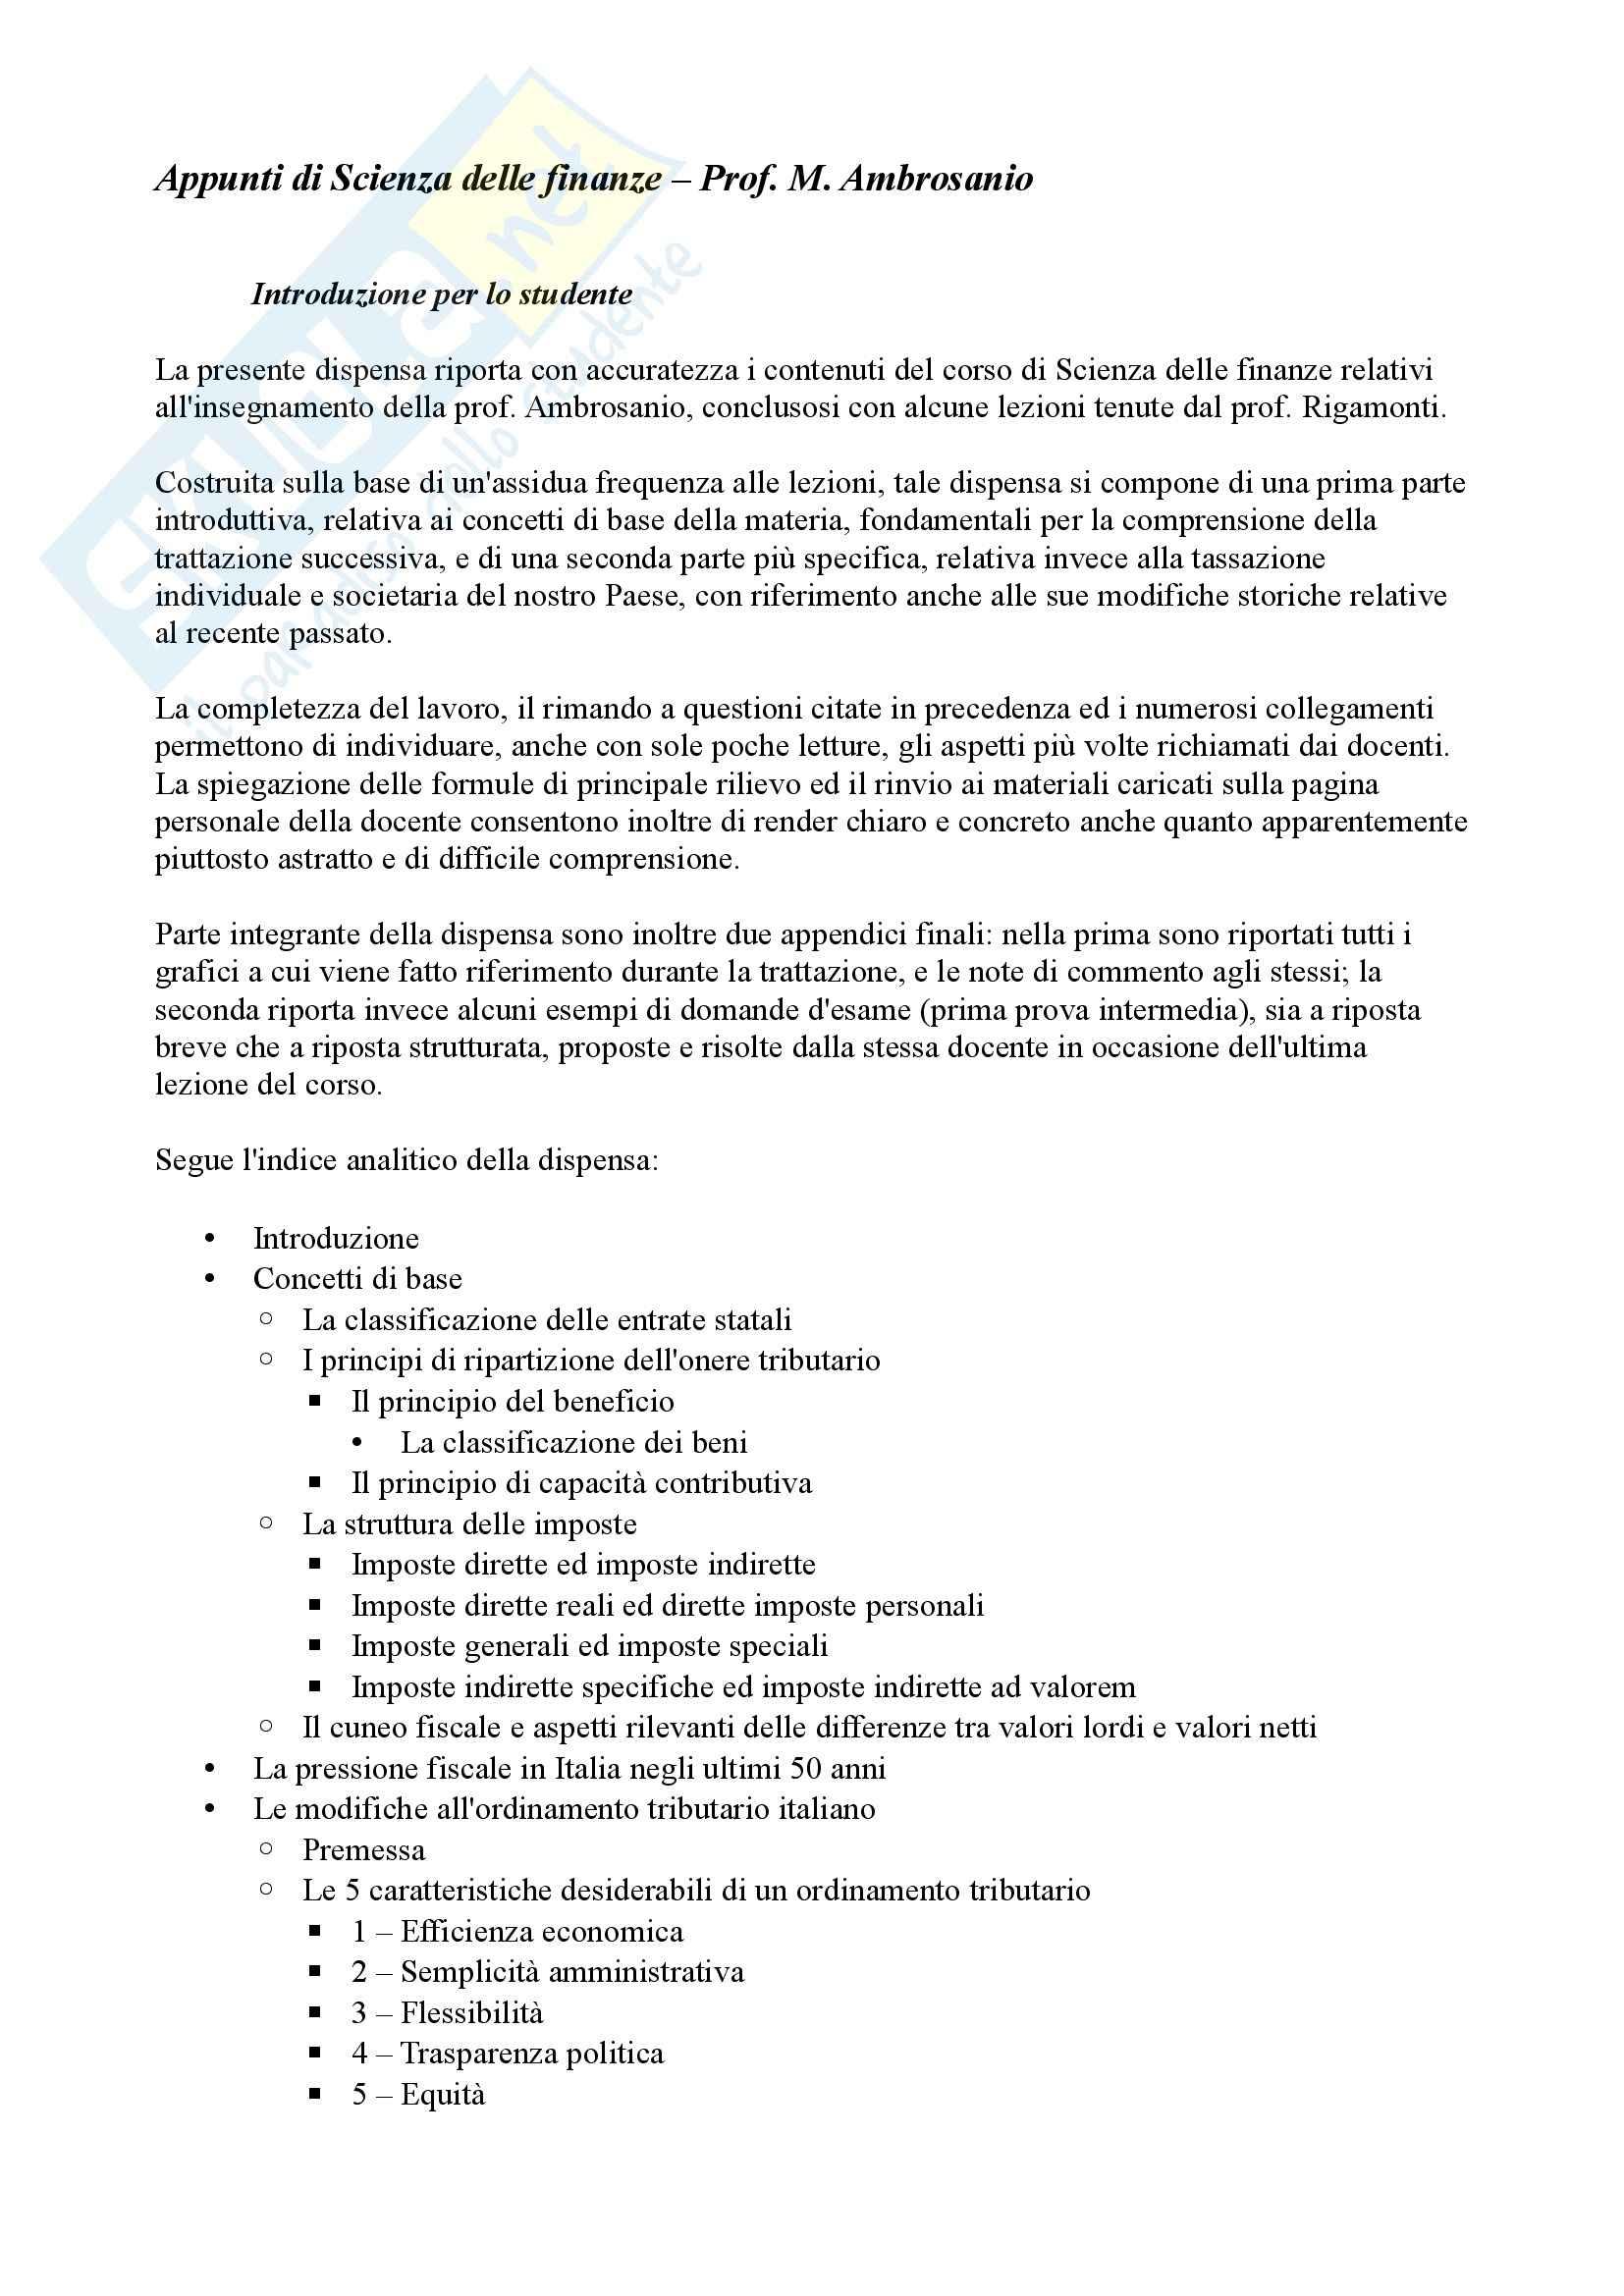 Appunti di Scienza delle finanze, Primo parziale